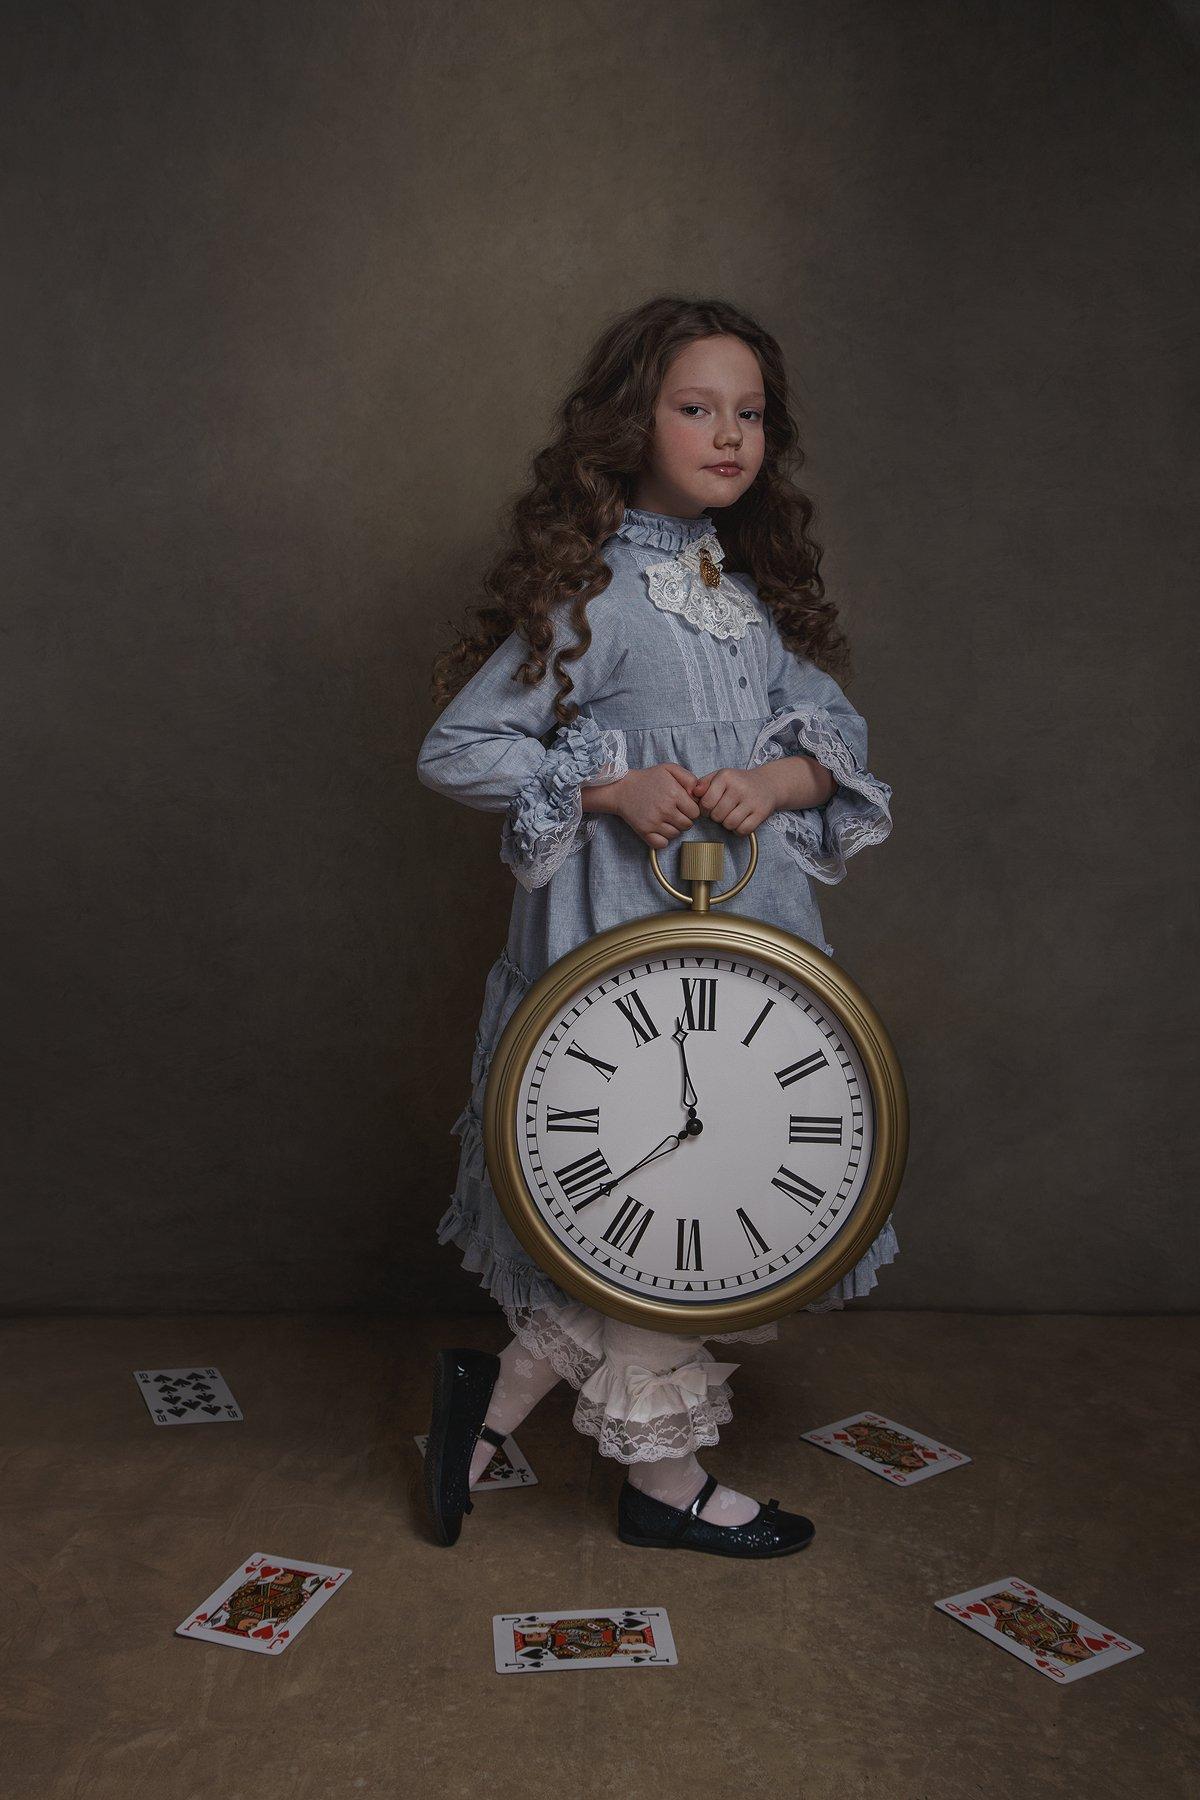 девочка, алиса с стран чудес, портрет, арт, часы, карты, сказка, Юлия Дурова